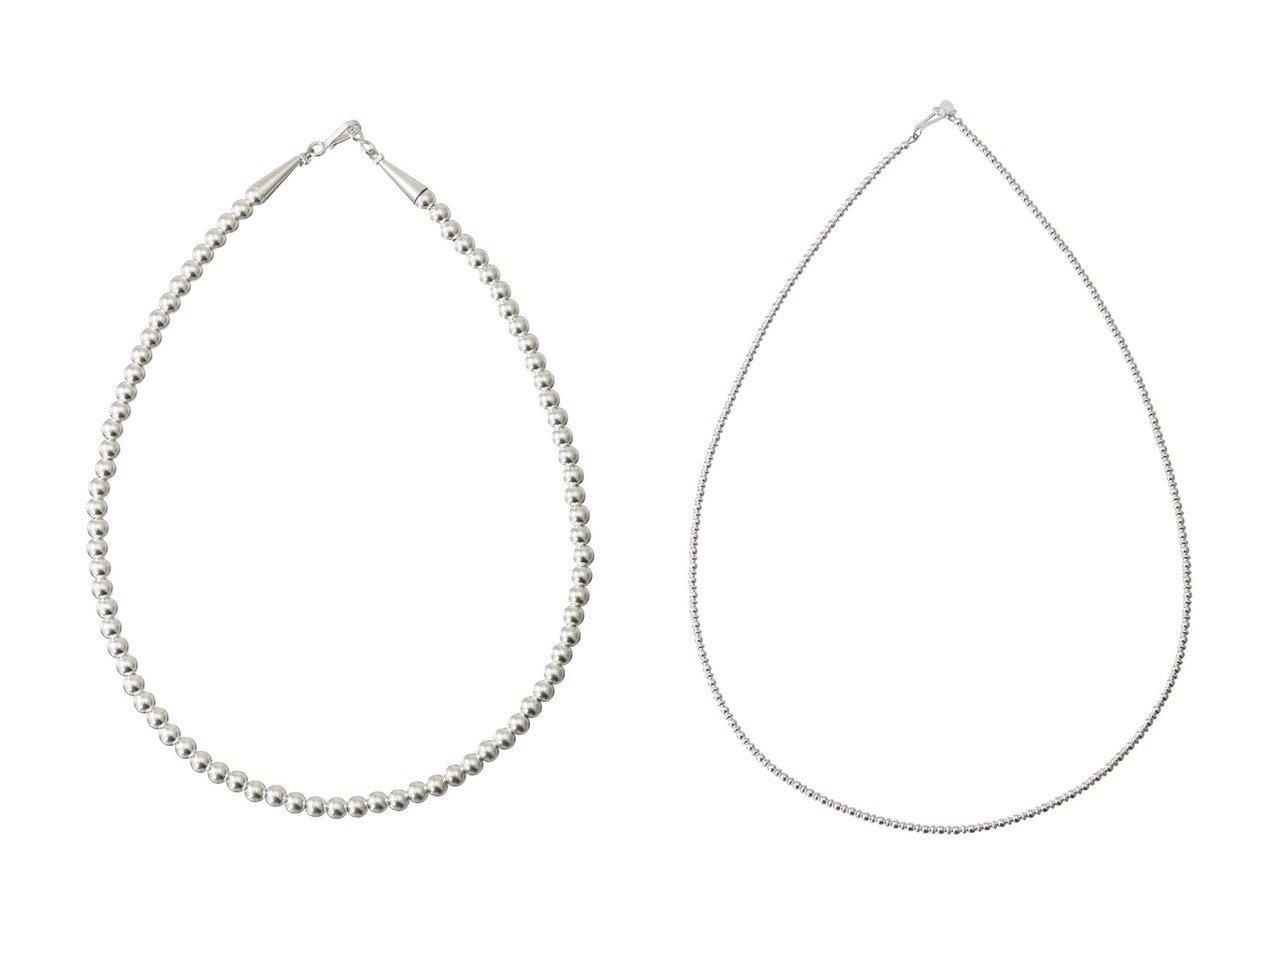 【heliopole/エリオポール】の【HARPO】5mm silver beads ネックレス&【HARPO】3mm silver beads ネックレス おすすめ!人気、トレンド・レディースファッションの通販  おすすめで人気の流行・トレンド、ファッションの通販商品 インテリア・家具・メンズファッション・キッズファッション・レディースファッション・服の通販 founy(ファニー) https://founy.com/ ファッション Fashion レディースファッション WOMEN ジュエリー Jewelry ネックレス Necklaces 2020年 2020 2020-2021秋冬・A/W AW・Autumn/Winter・FW・Fall-Winter/2020-2021 2021年 2021 2021-2022秋冬・A/W AW・Autumn/Winter・FW・Fall-Winter・2021-2022 A/W・秋冬 AW・Autumn/Winter・FW・Fall-Winter ジュエリー ネックレス  ID:crp329100000063097